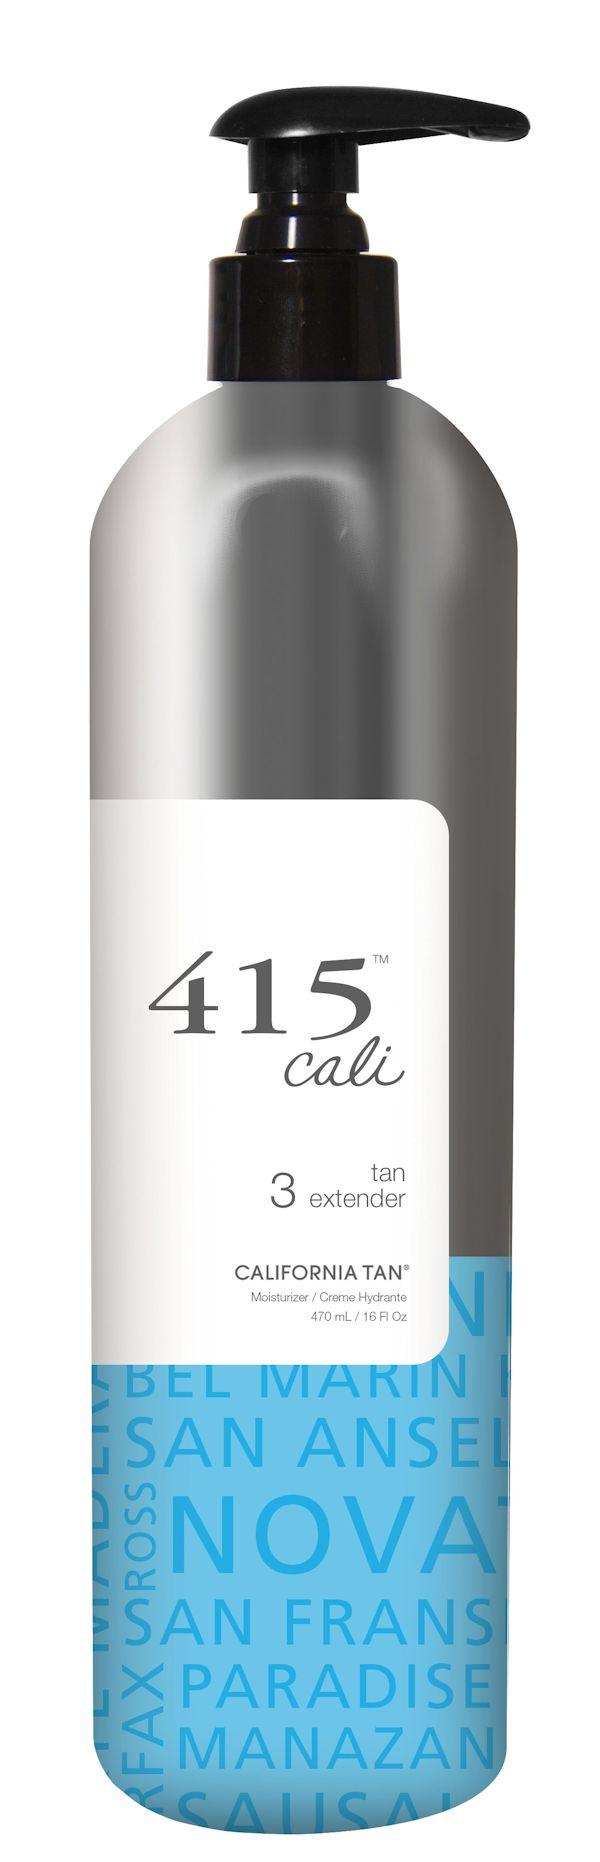 415 Cali™ Tan Extender